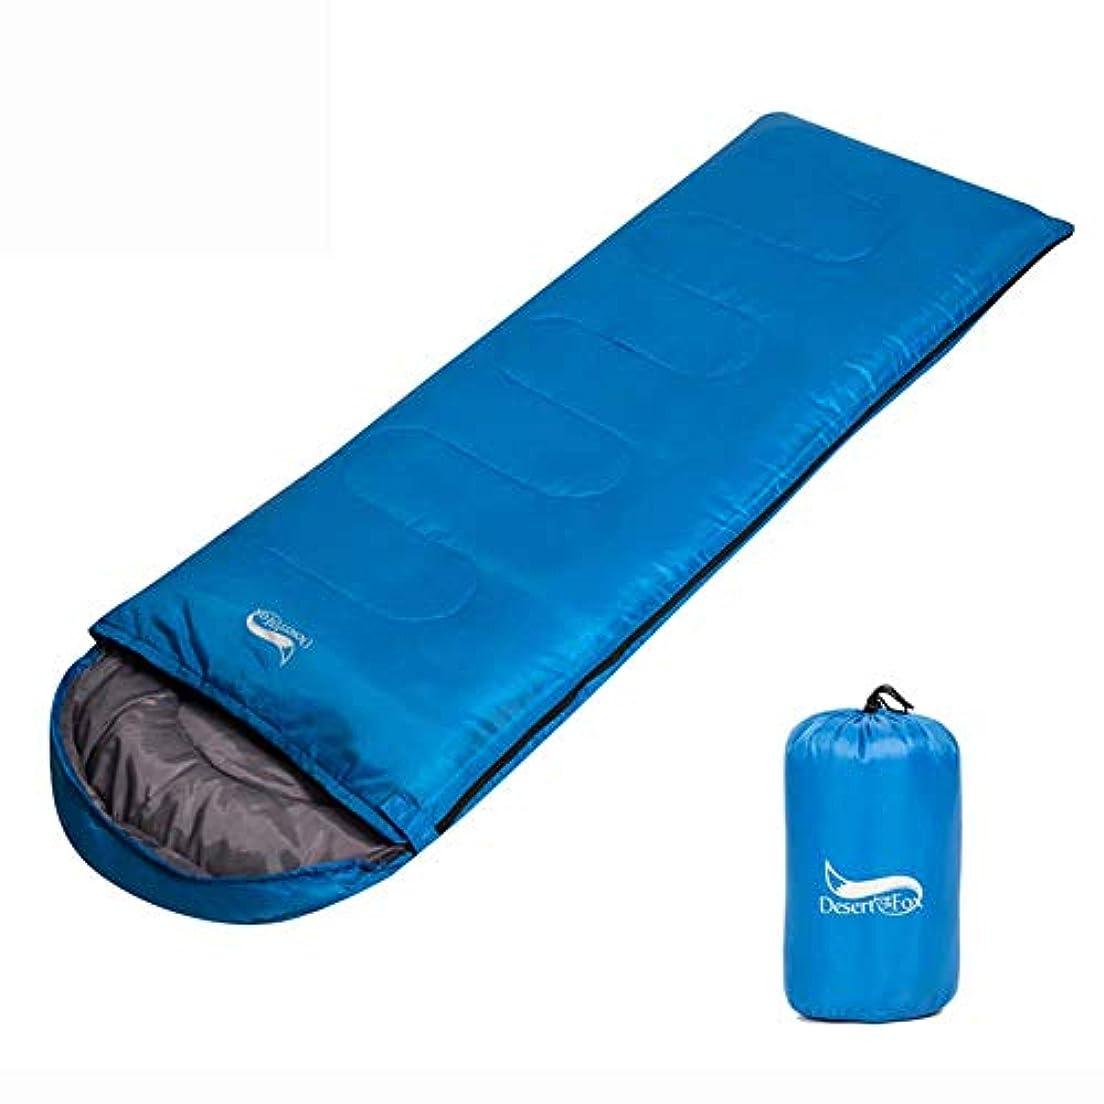 マニュアル公平不可能なキャンプの寝袋、圧縮バッグライトと防水春と秋のシングル寝袋大人の屋外超軽量ランチブレイク付き